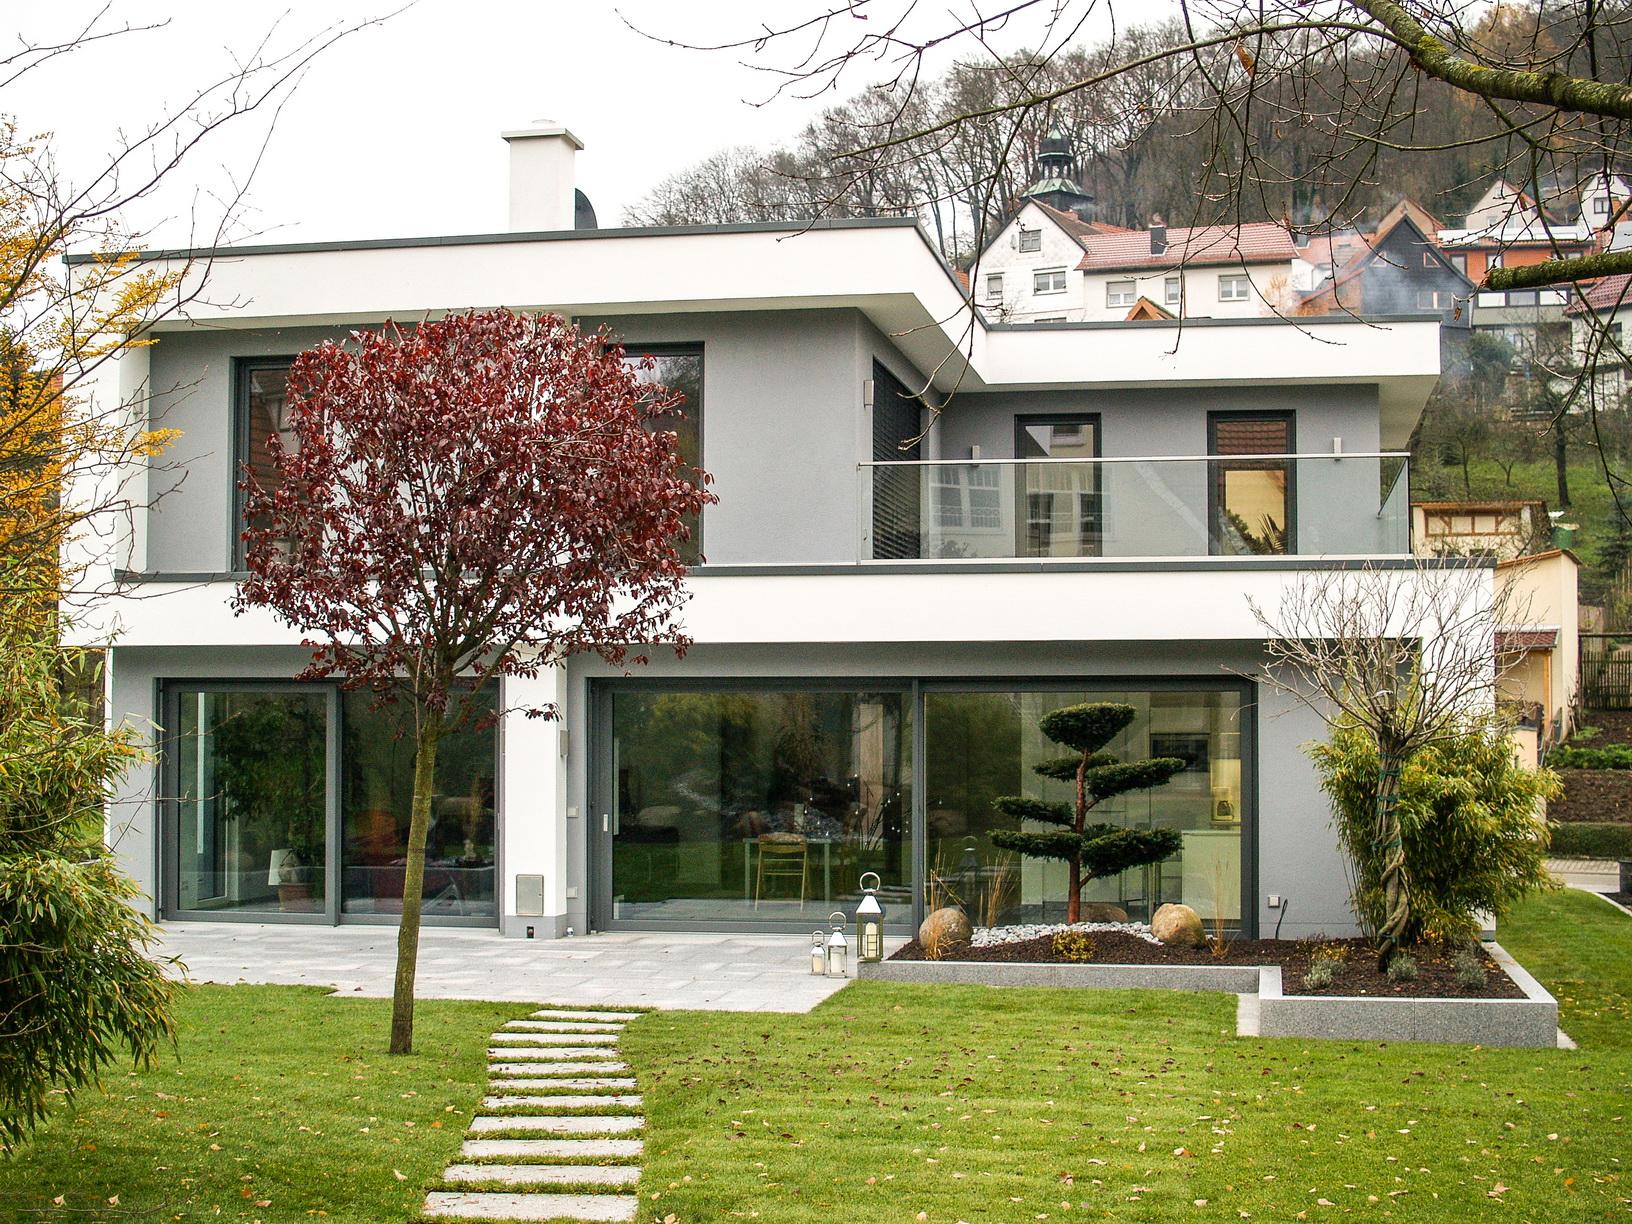 Neubau einfamilienhaus peterseim fertiggestellt egn for Raumaufteilung einfamilienhaus neubau